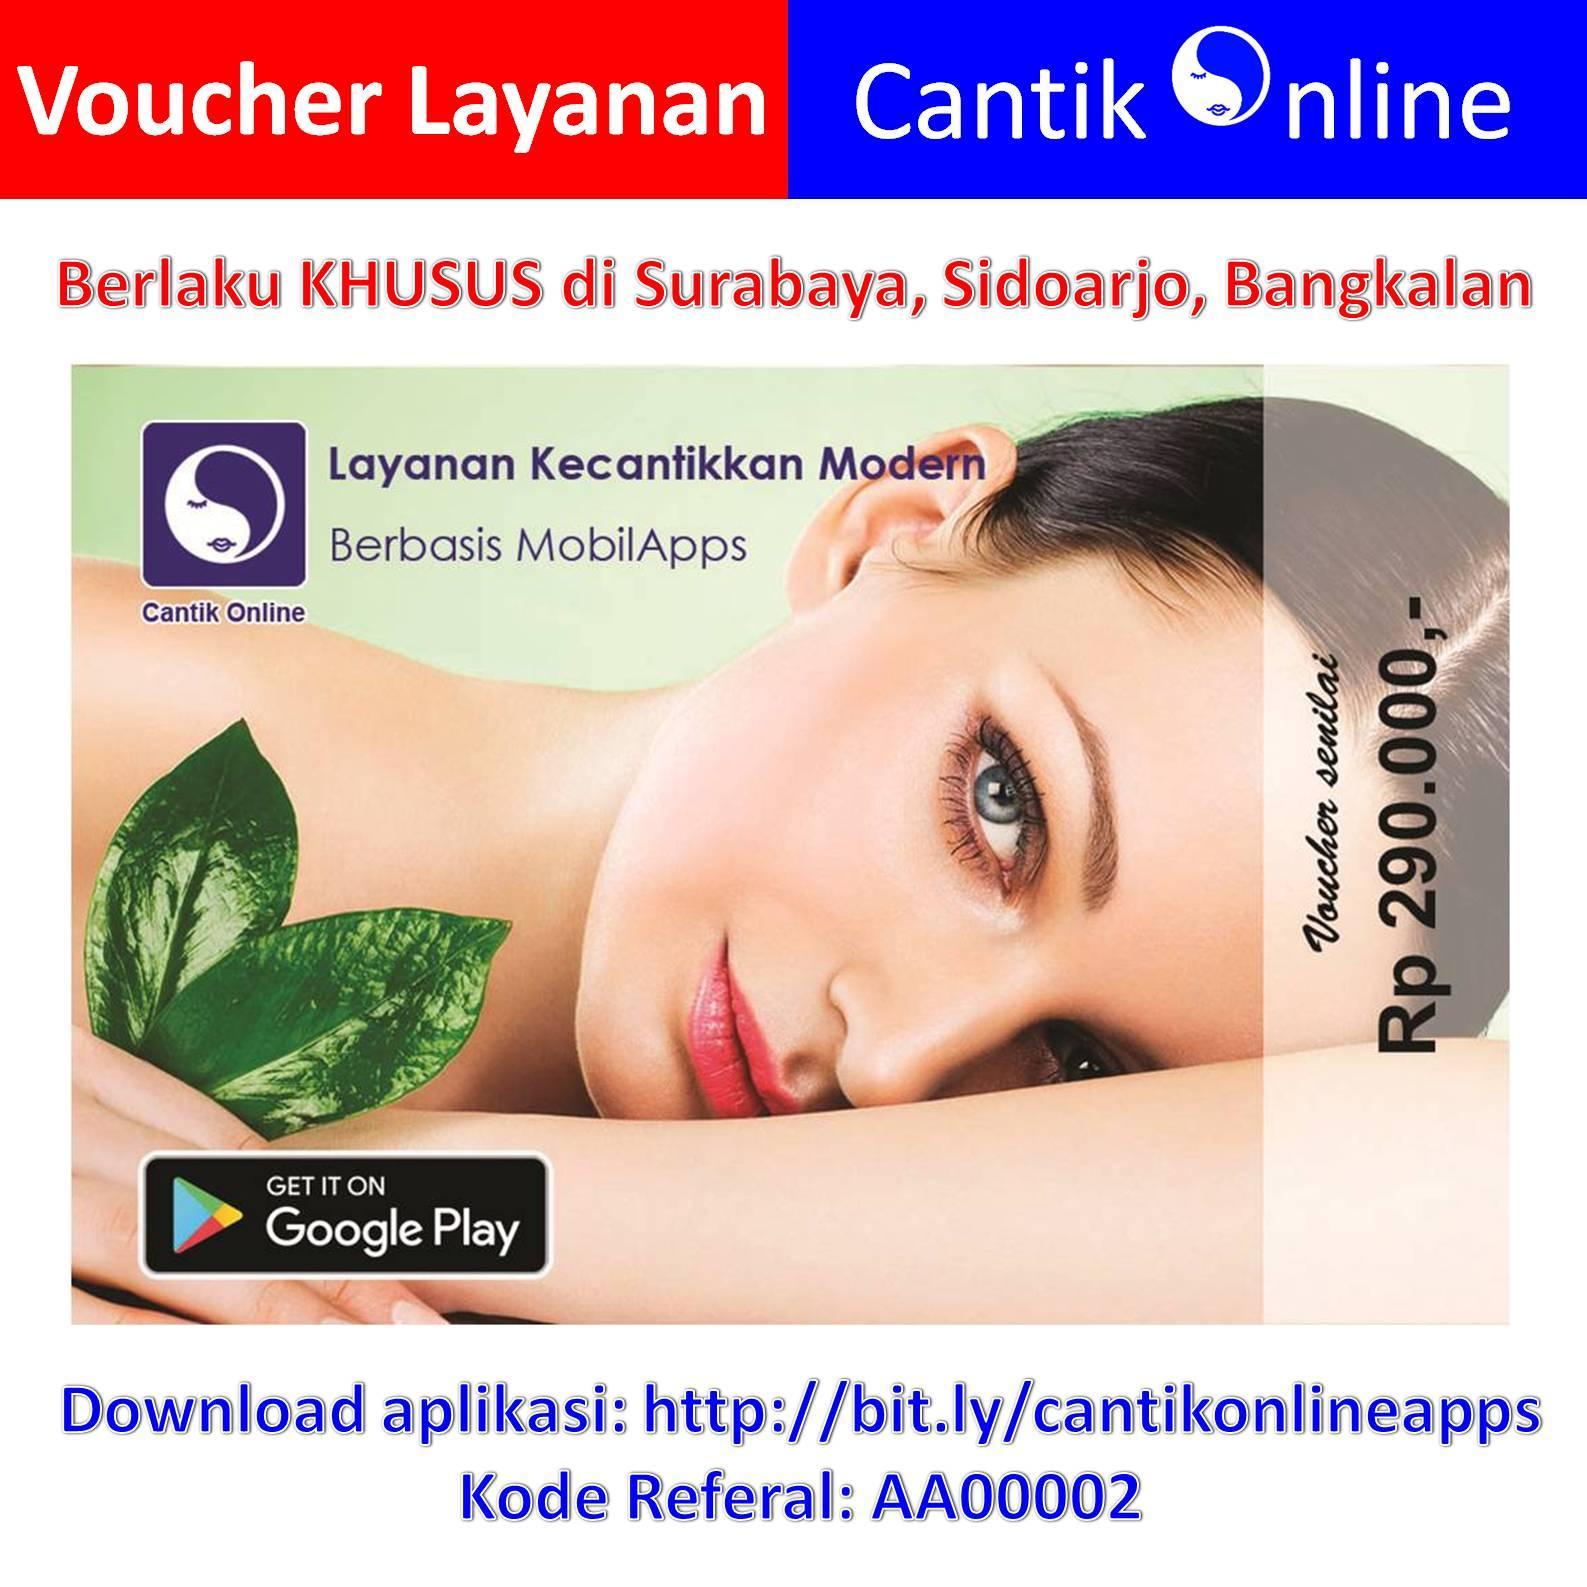 Voucher Cantik Online - Paket Reguler Hemat utk Surabaya, Sidoarjo & Bangkalan